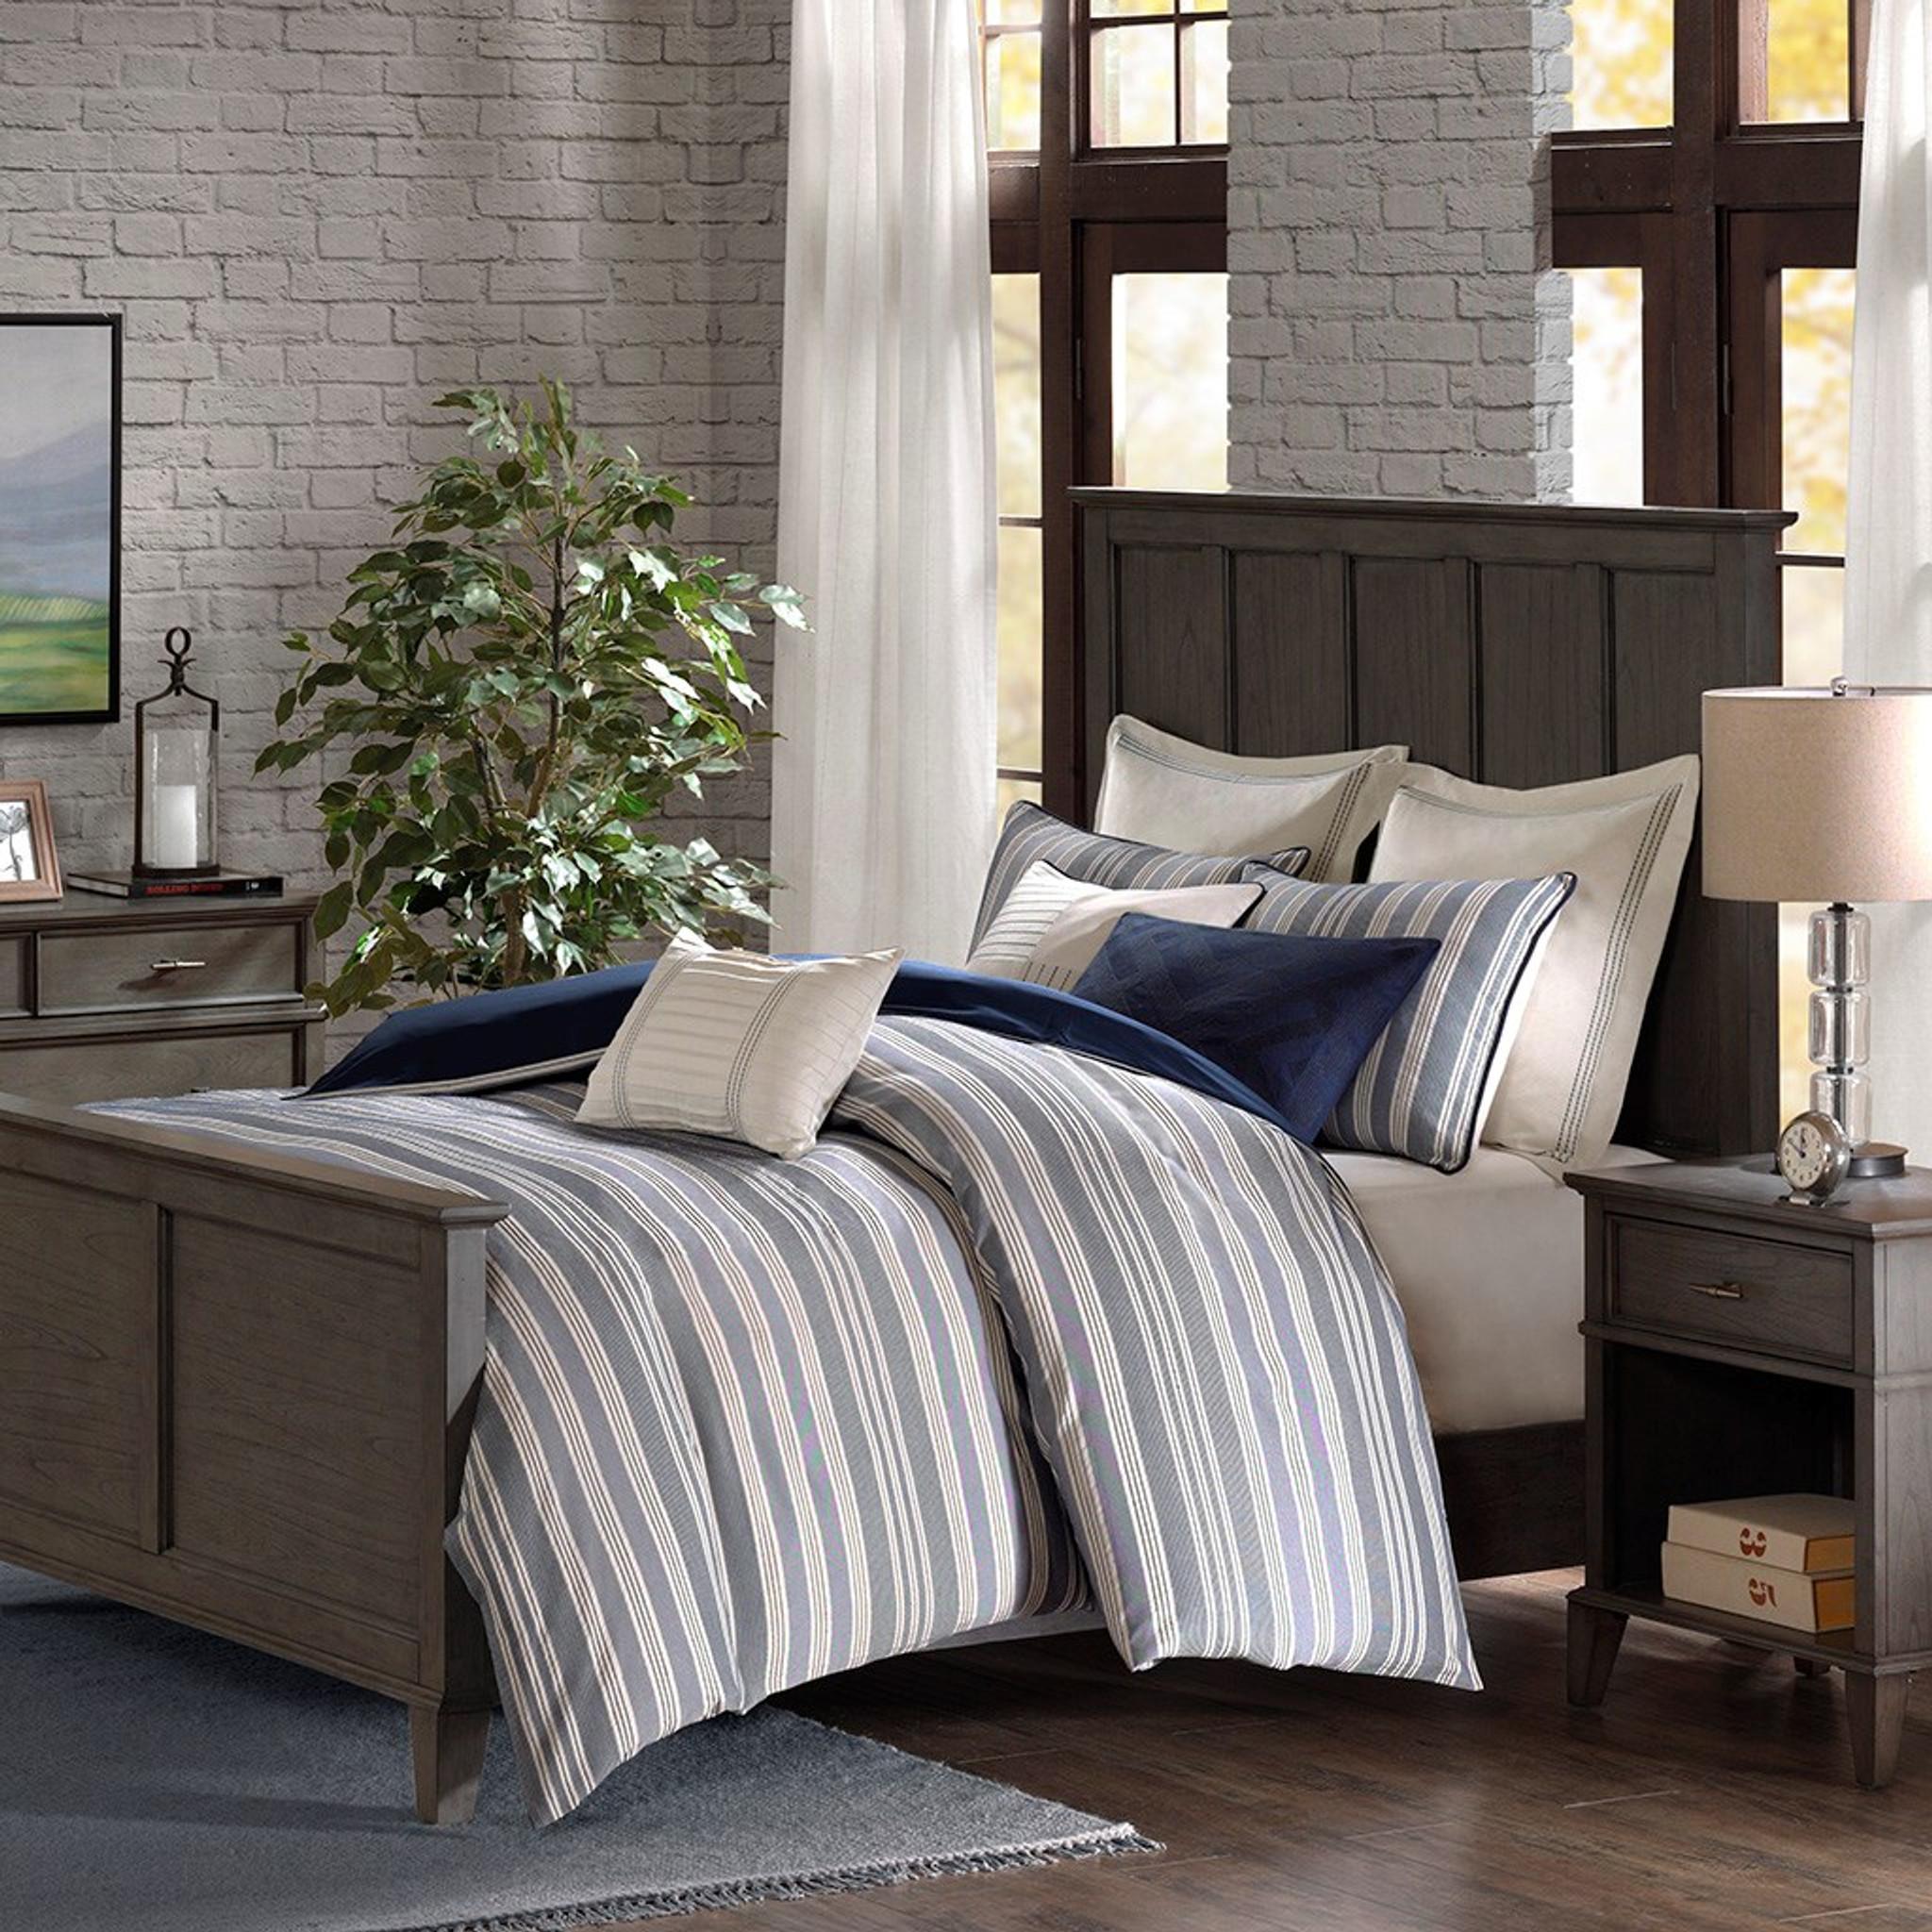 Coastal Farmhouse Comforter Queen Size 8 Piece Set Caron S Beach House